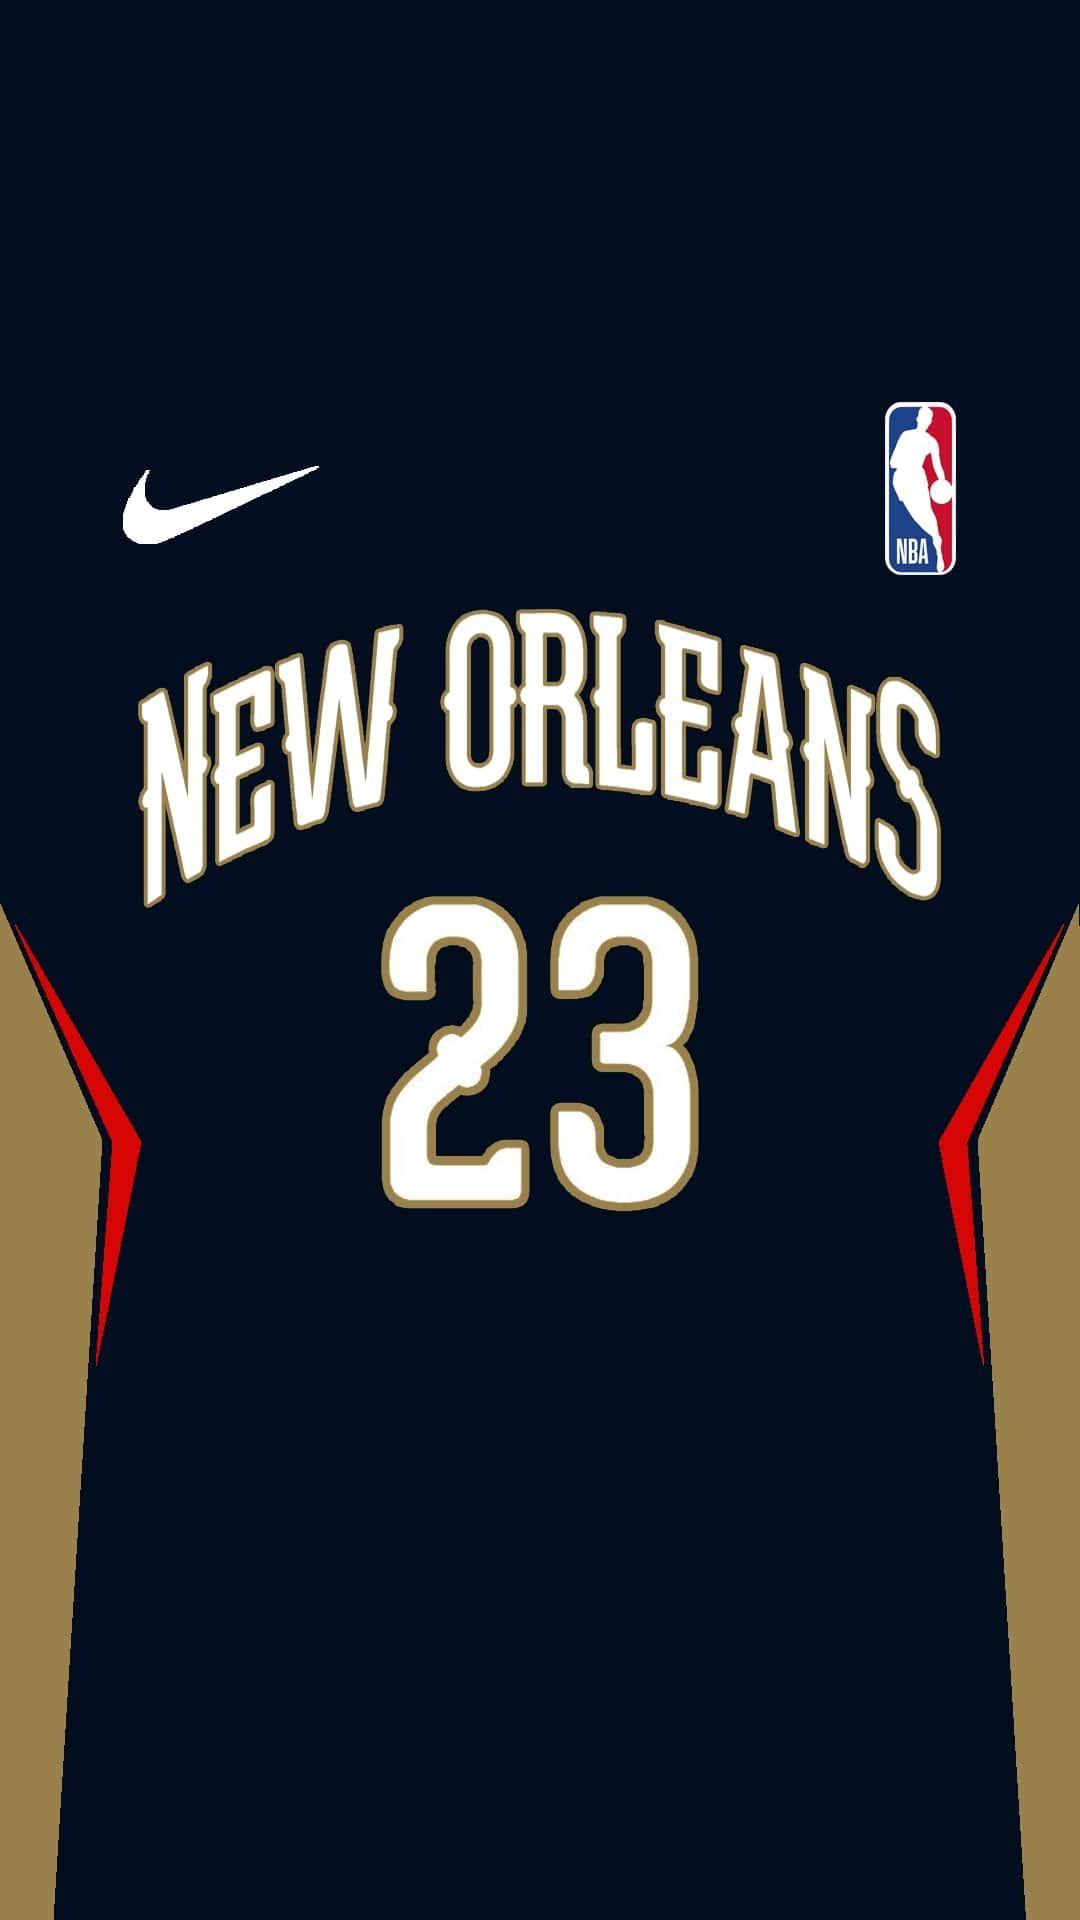 Pin by Shambas Permana on NBA Jersey Nba uniforms, Best